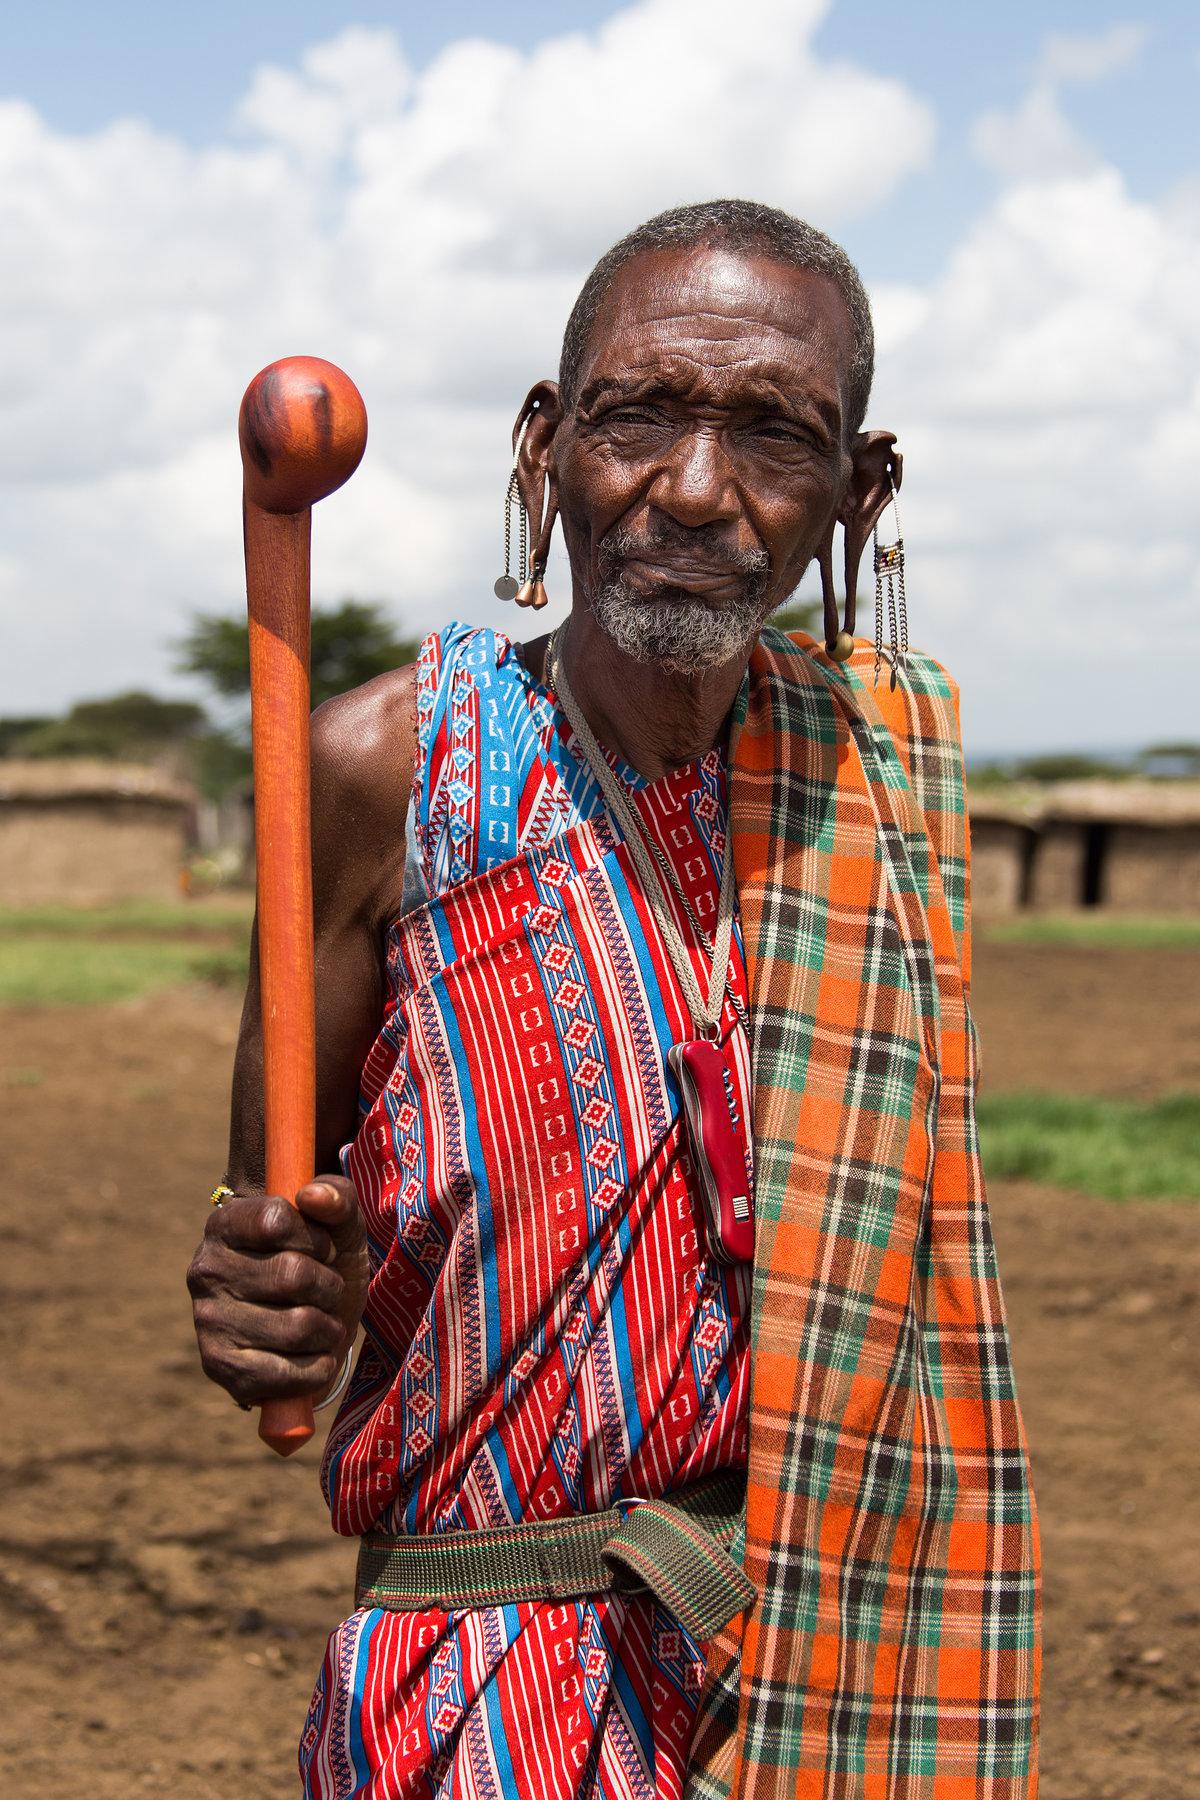 Мужчина из племени Масаи #африка #кения #масаи #мужчина